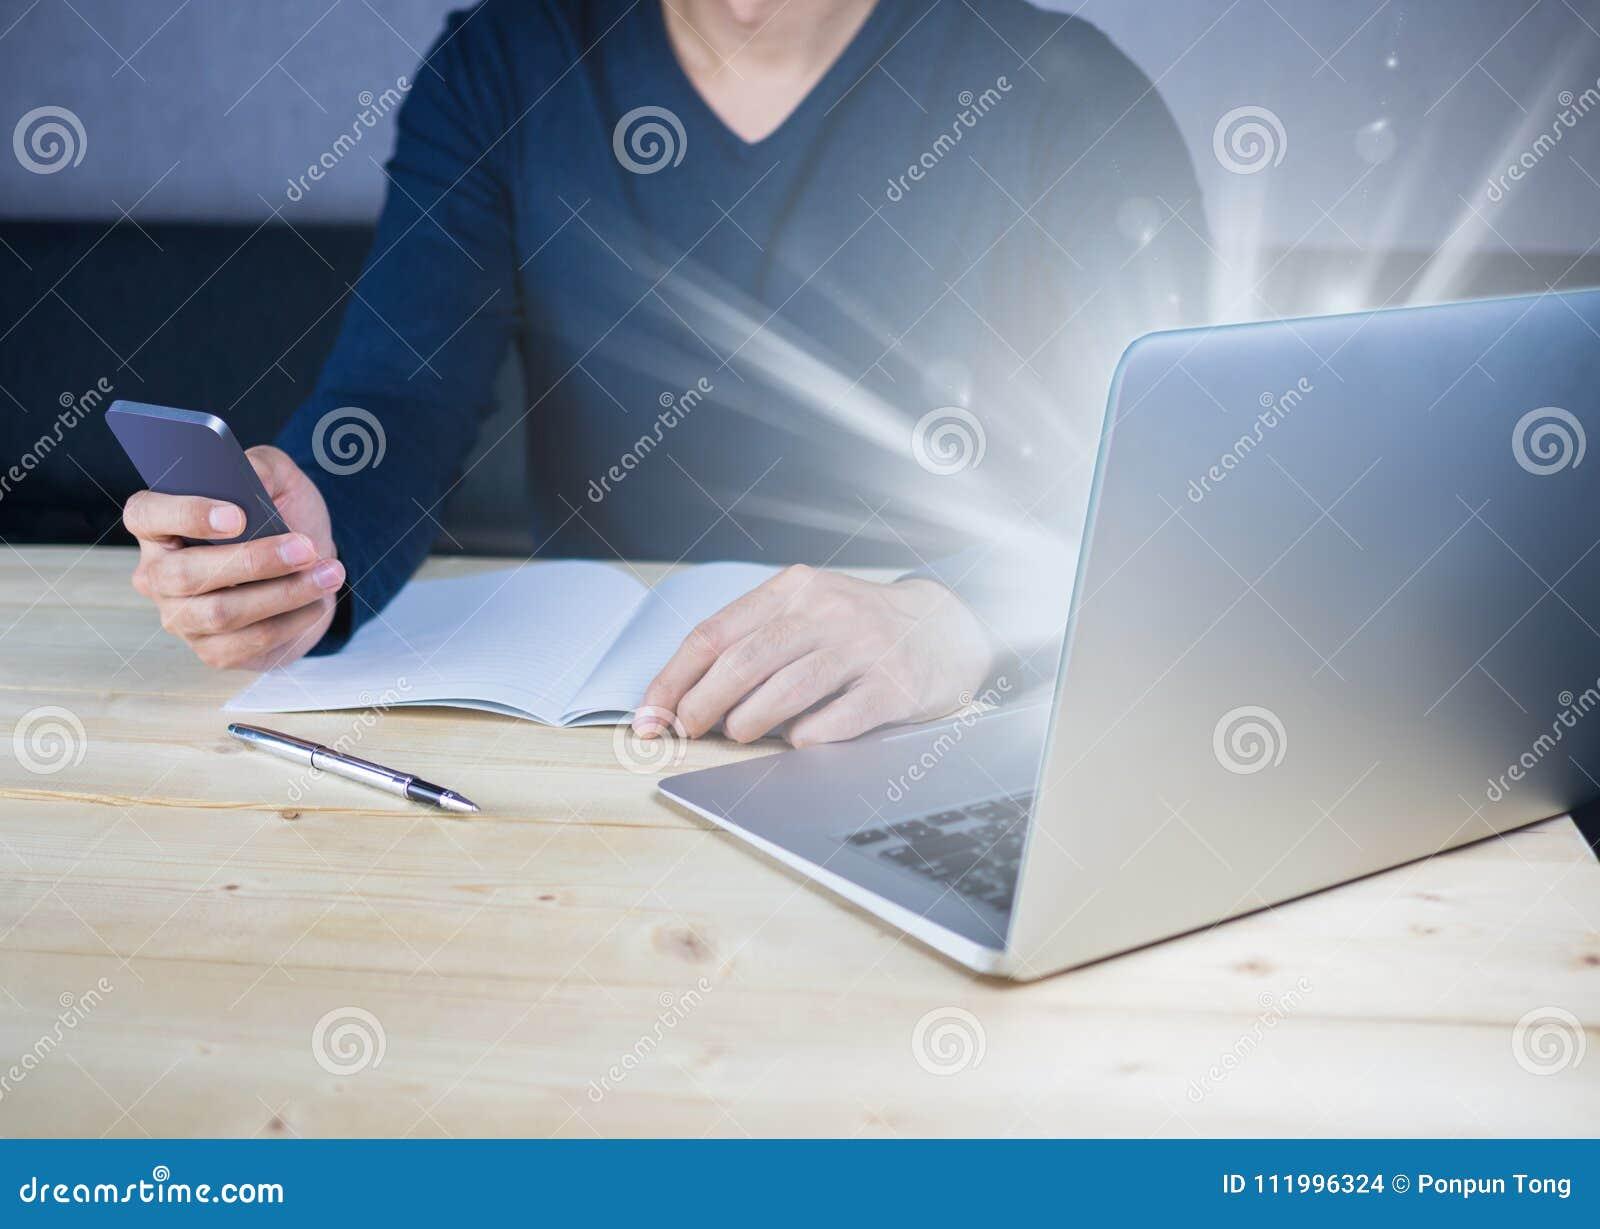 Helles Glühen vom Notebook auf hölzernem Schreibtisch mit der Anwendung von Smartphone